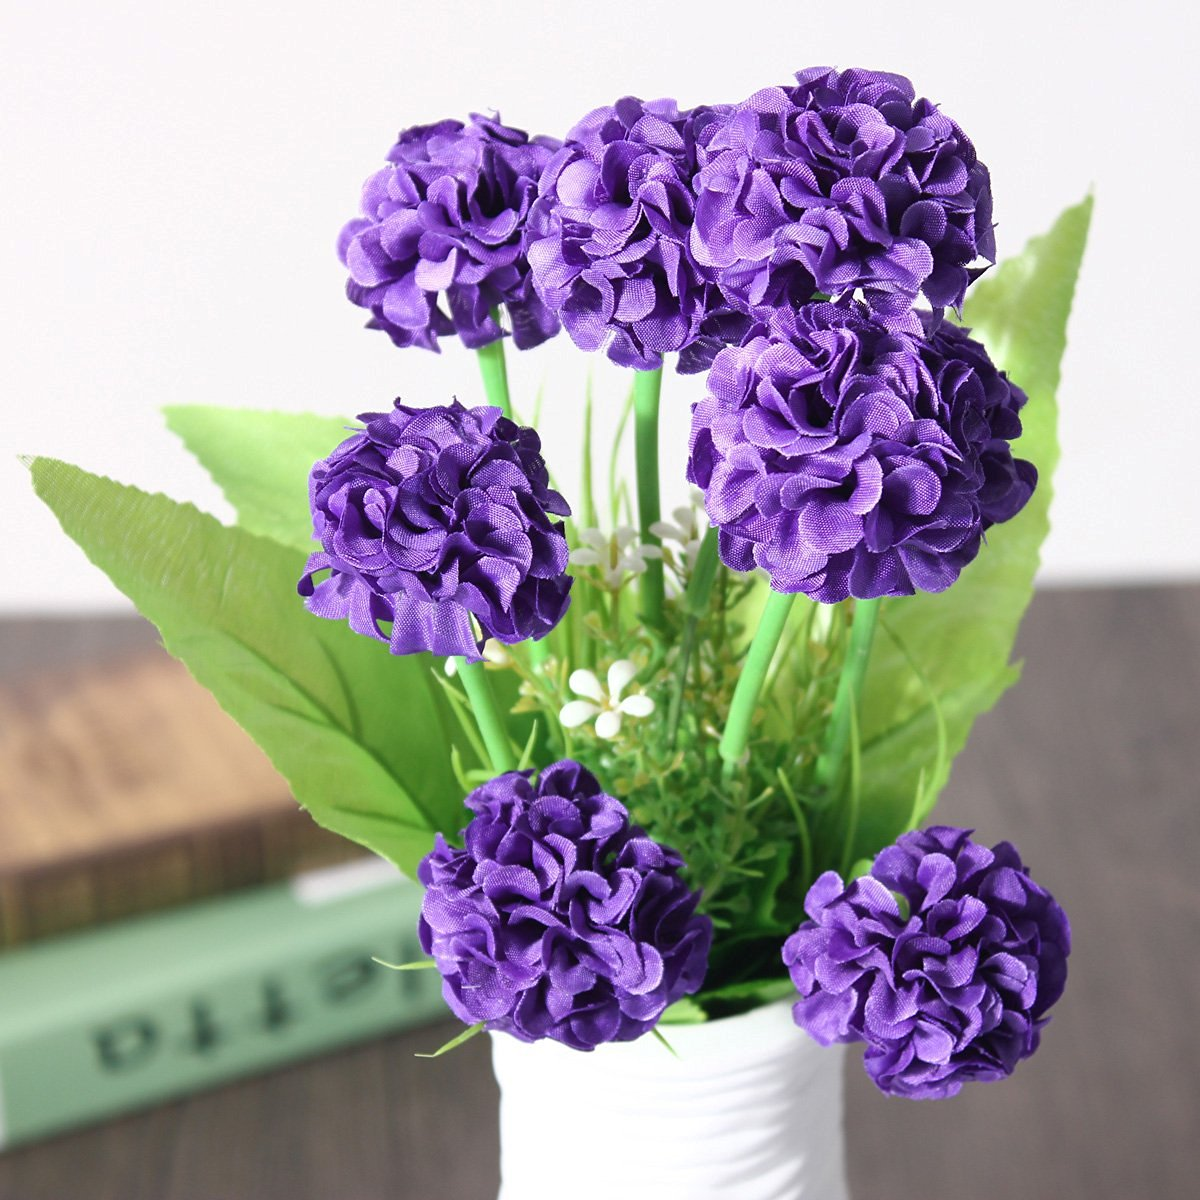 Cheap Dark Purple Hydrangea Find Dark Purple Hydrangea Deals On